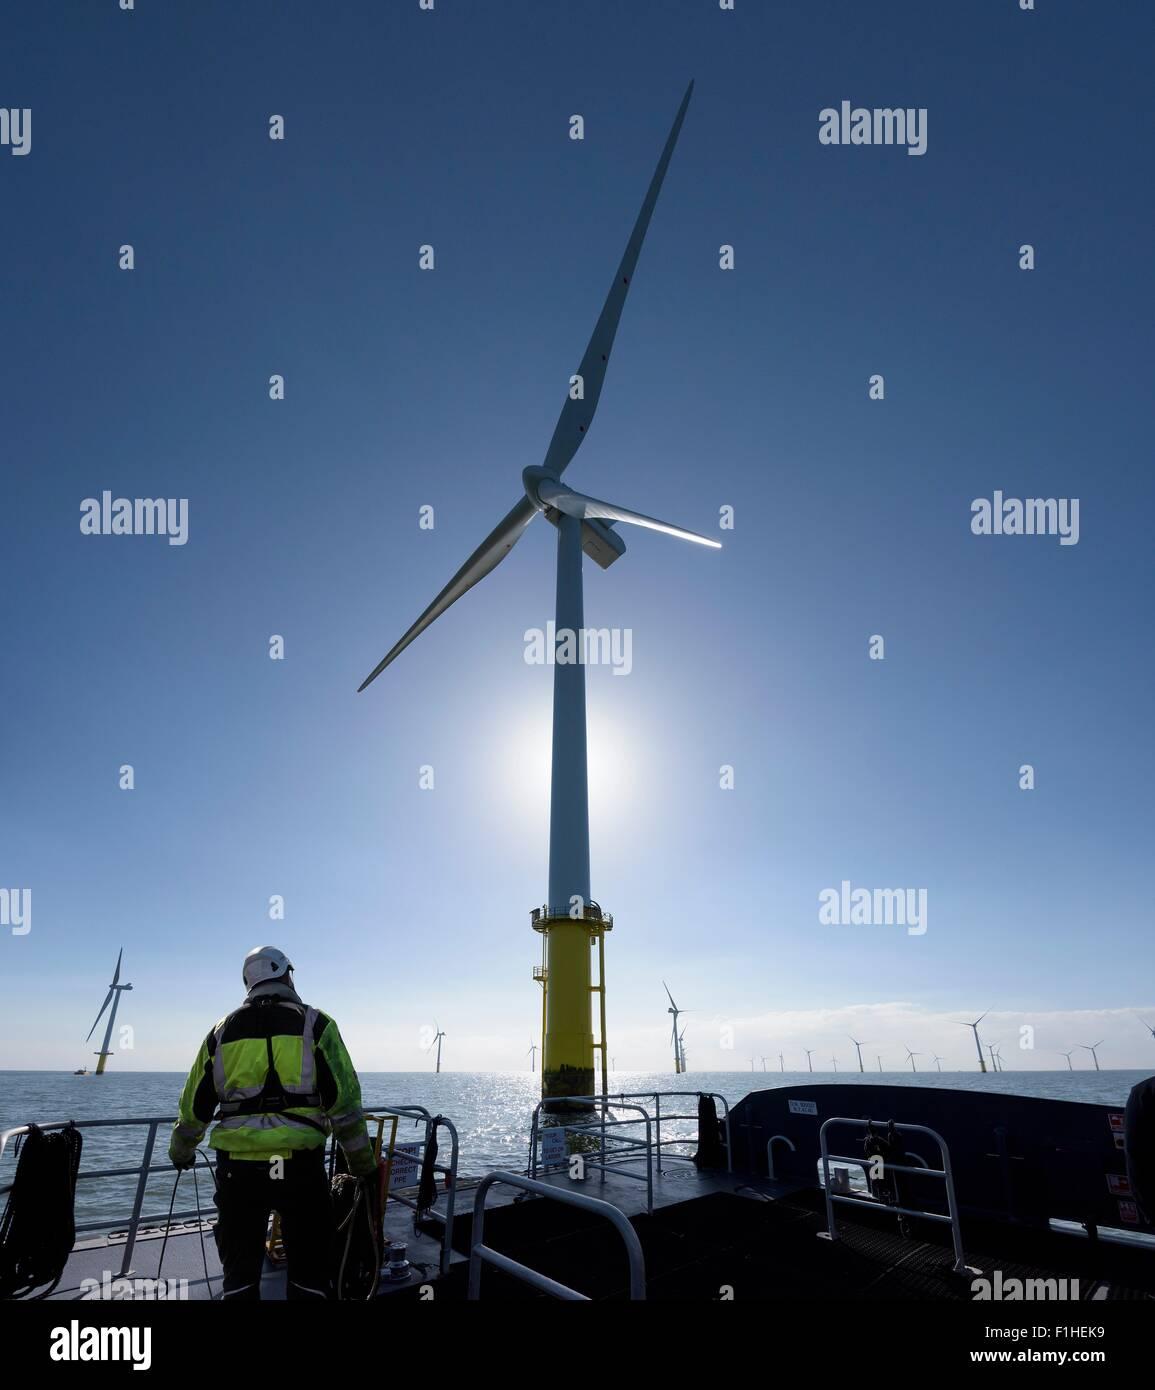 Arbeiter auf zarte Service Schiff am Offshore-Windpark Stockbild